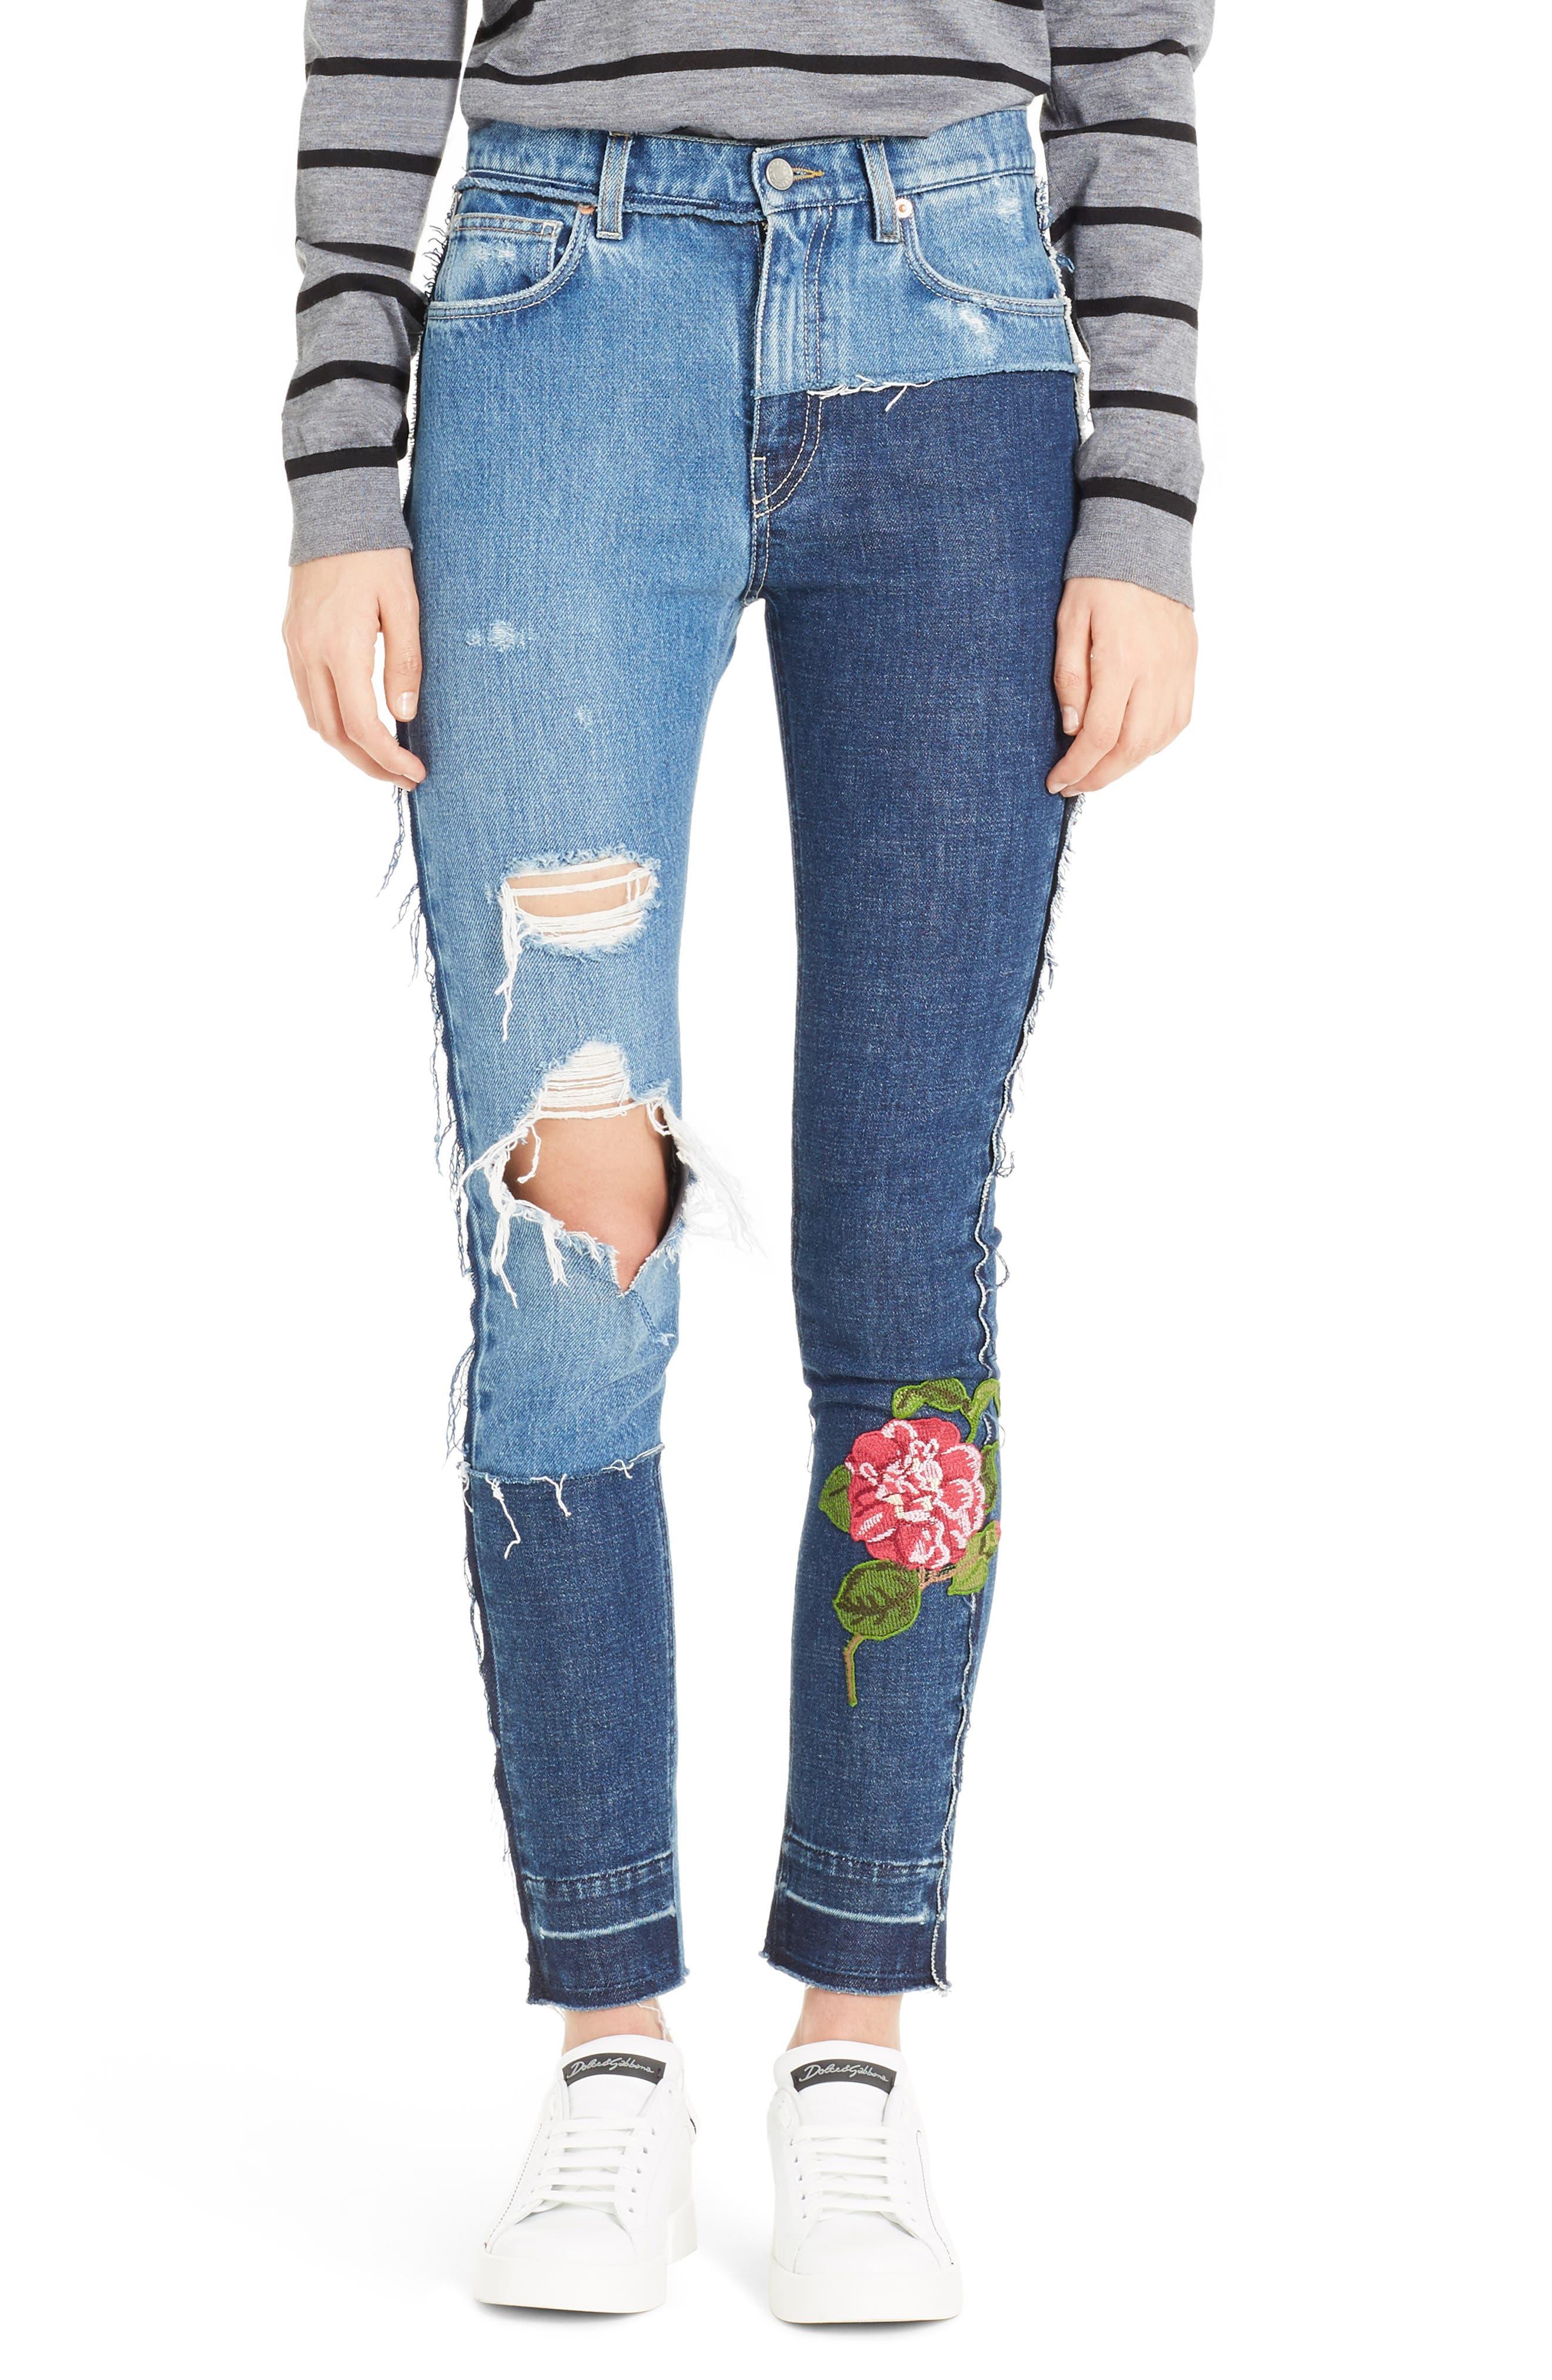 Dolce&Gabbana Embellished Patchwork Skinny Jeans